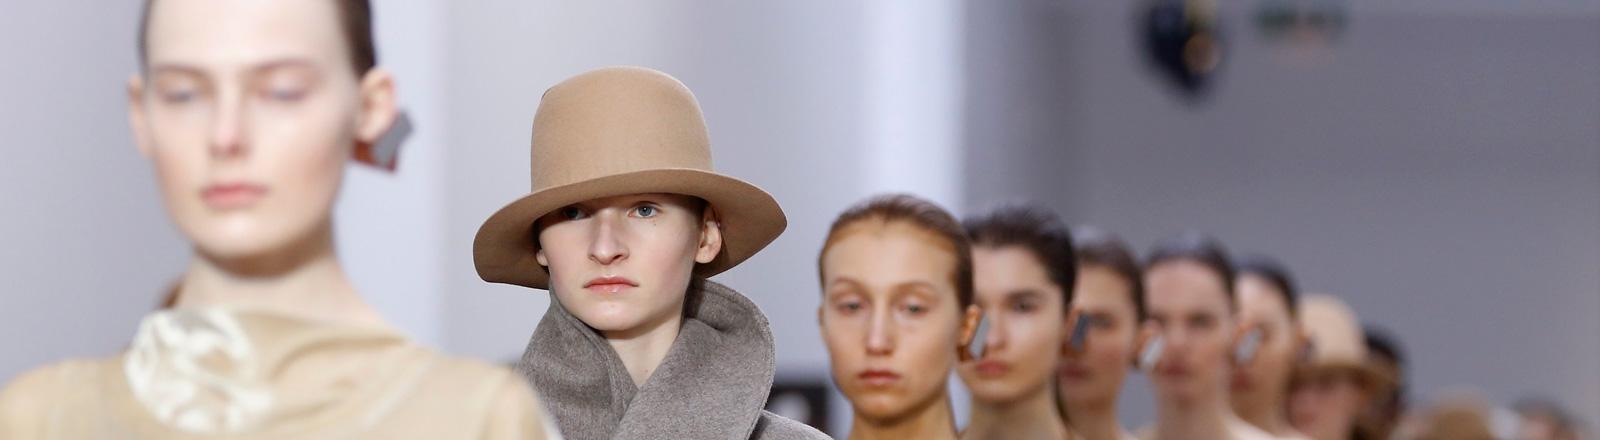 Der Designer Samuel Drira for Nehera präsentiert seine Herbst-Winter-Kollektion 2016/2017 bei der Fashion Week in Paris